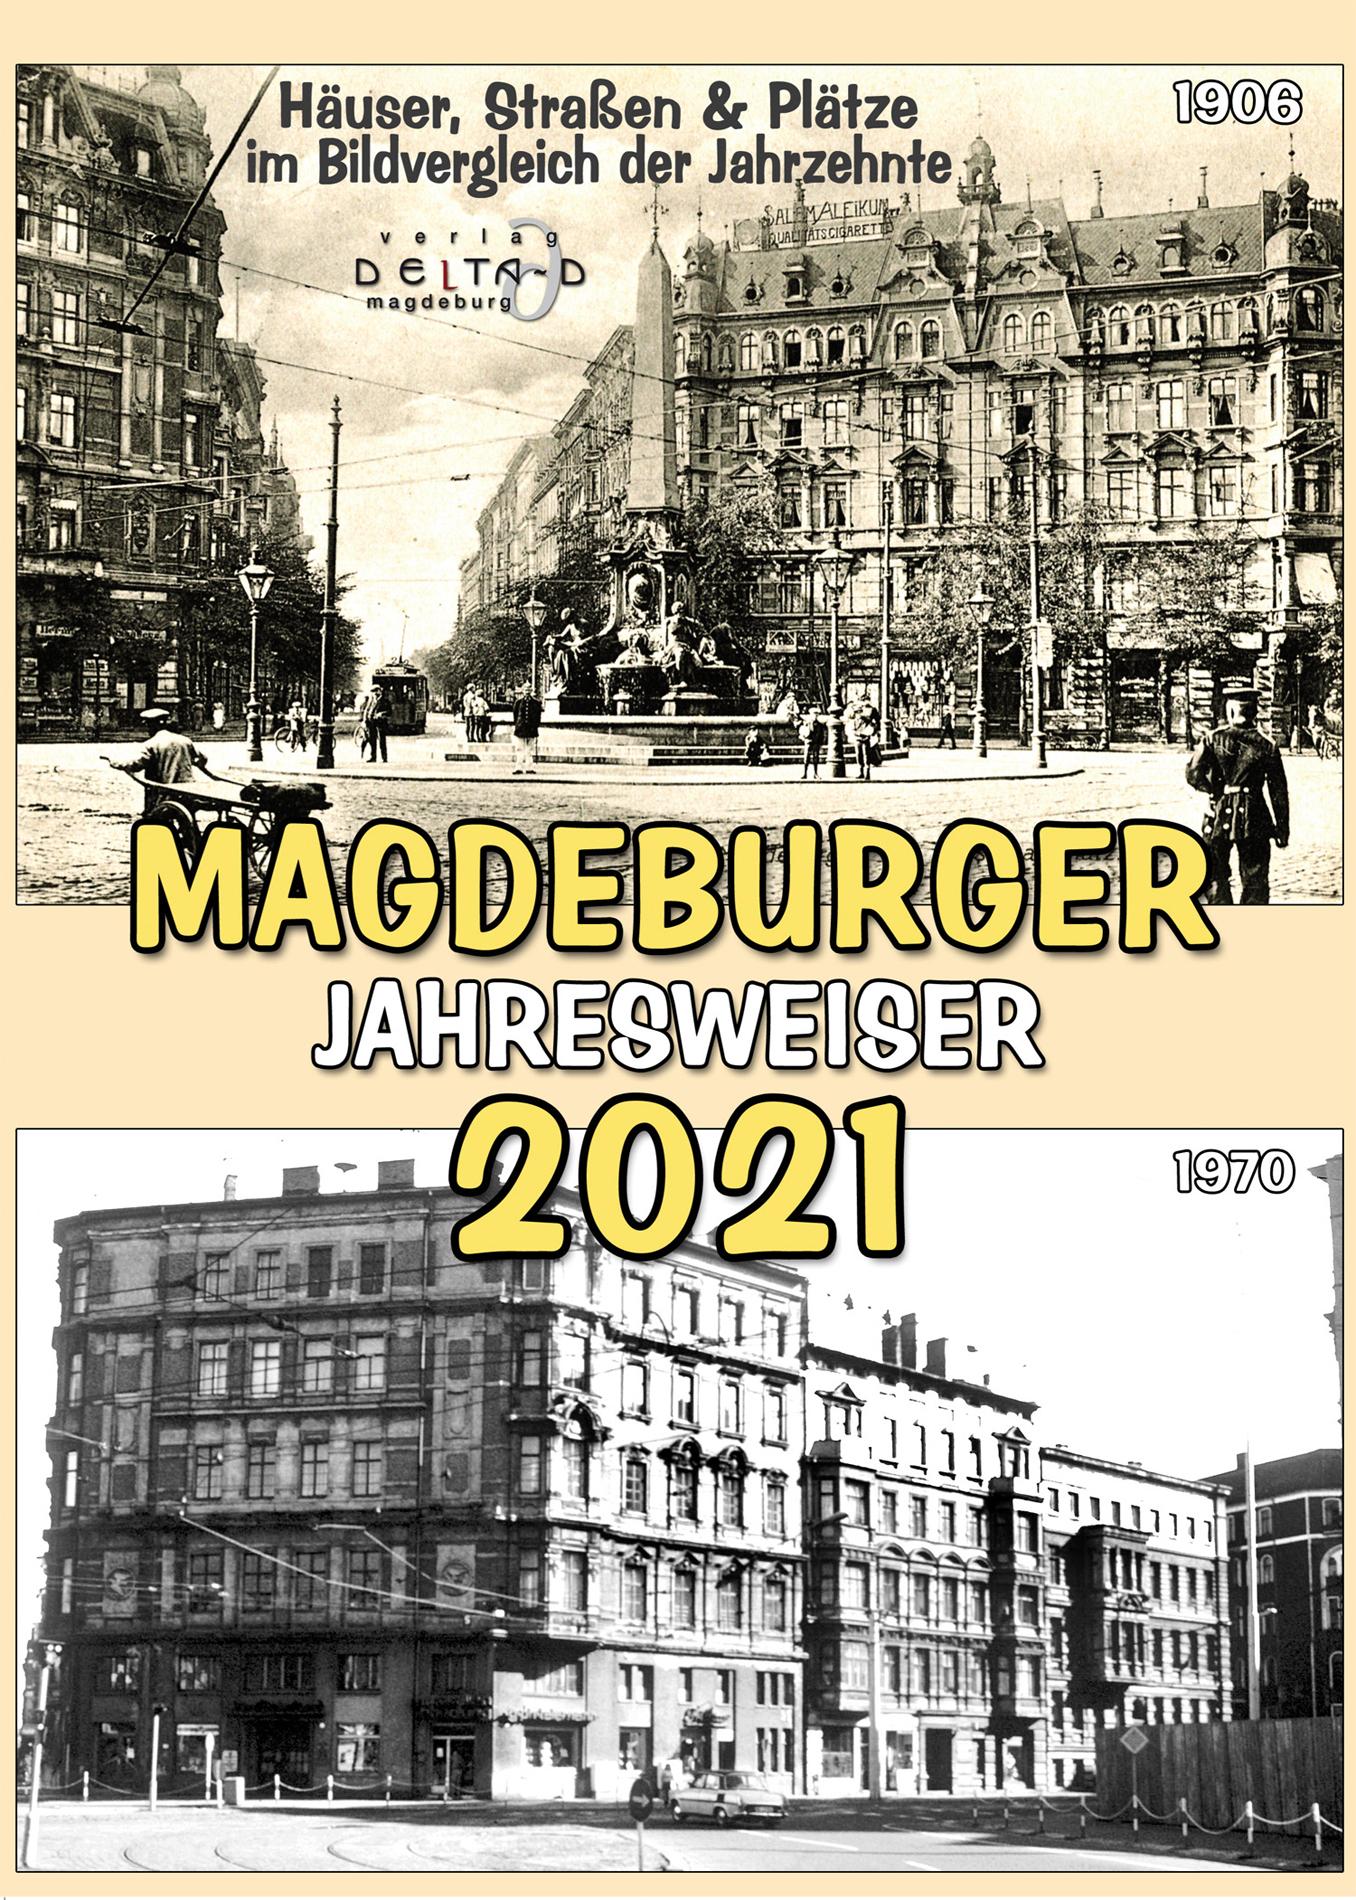 Magdeburger Jahresweiser 2021